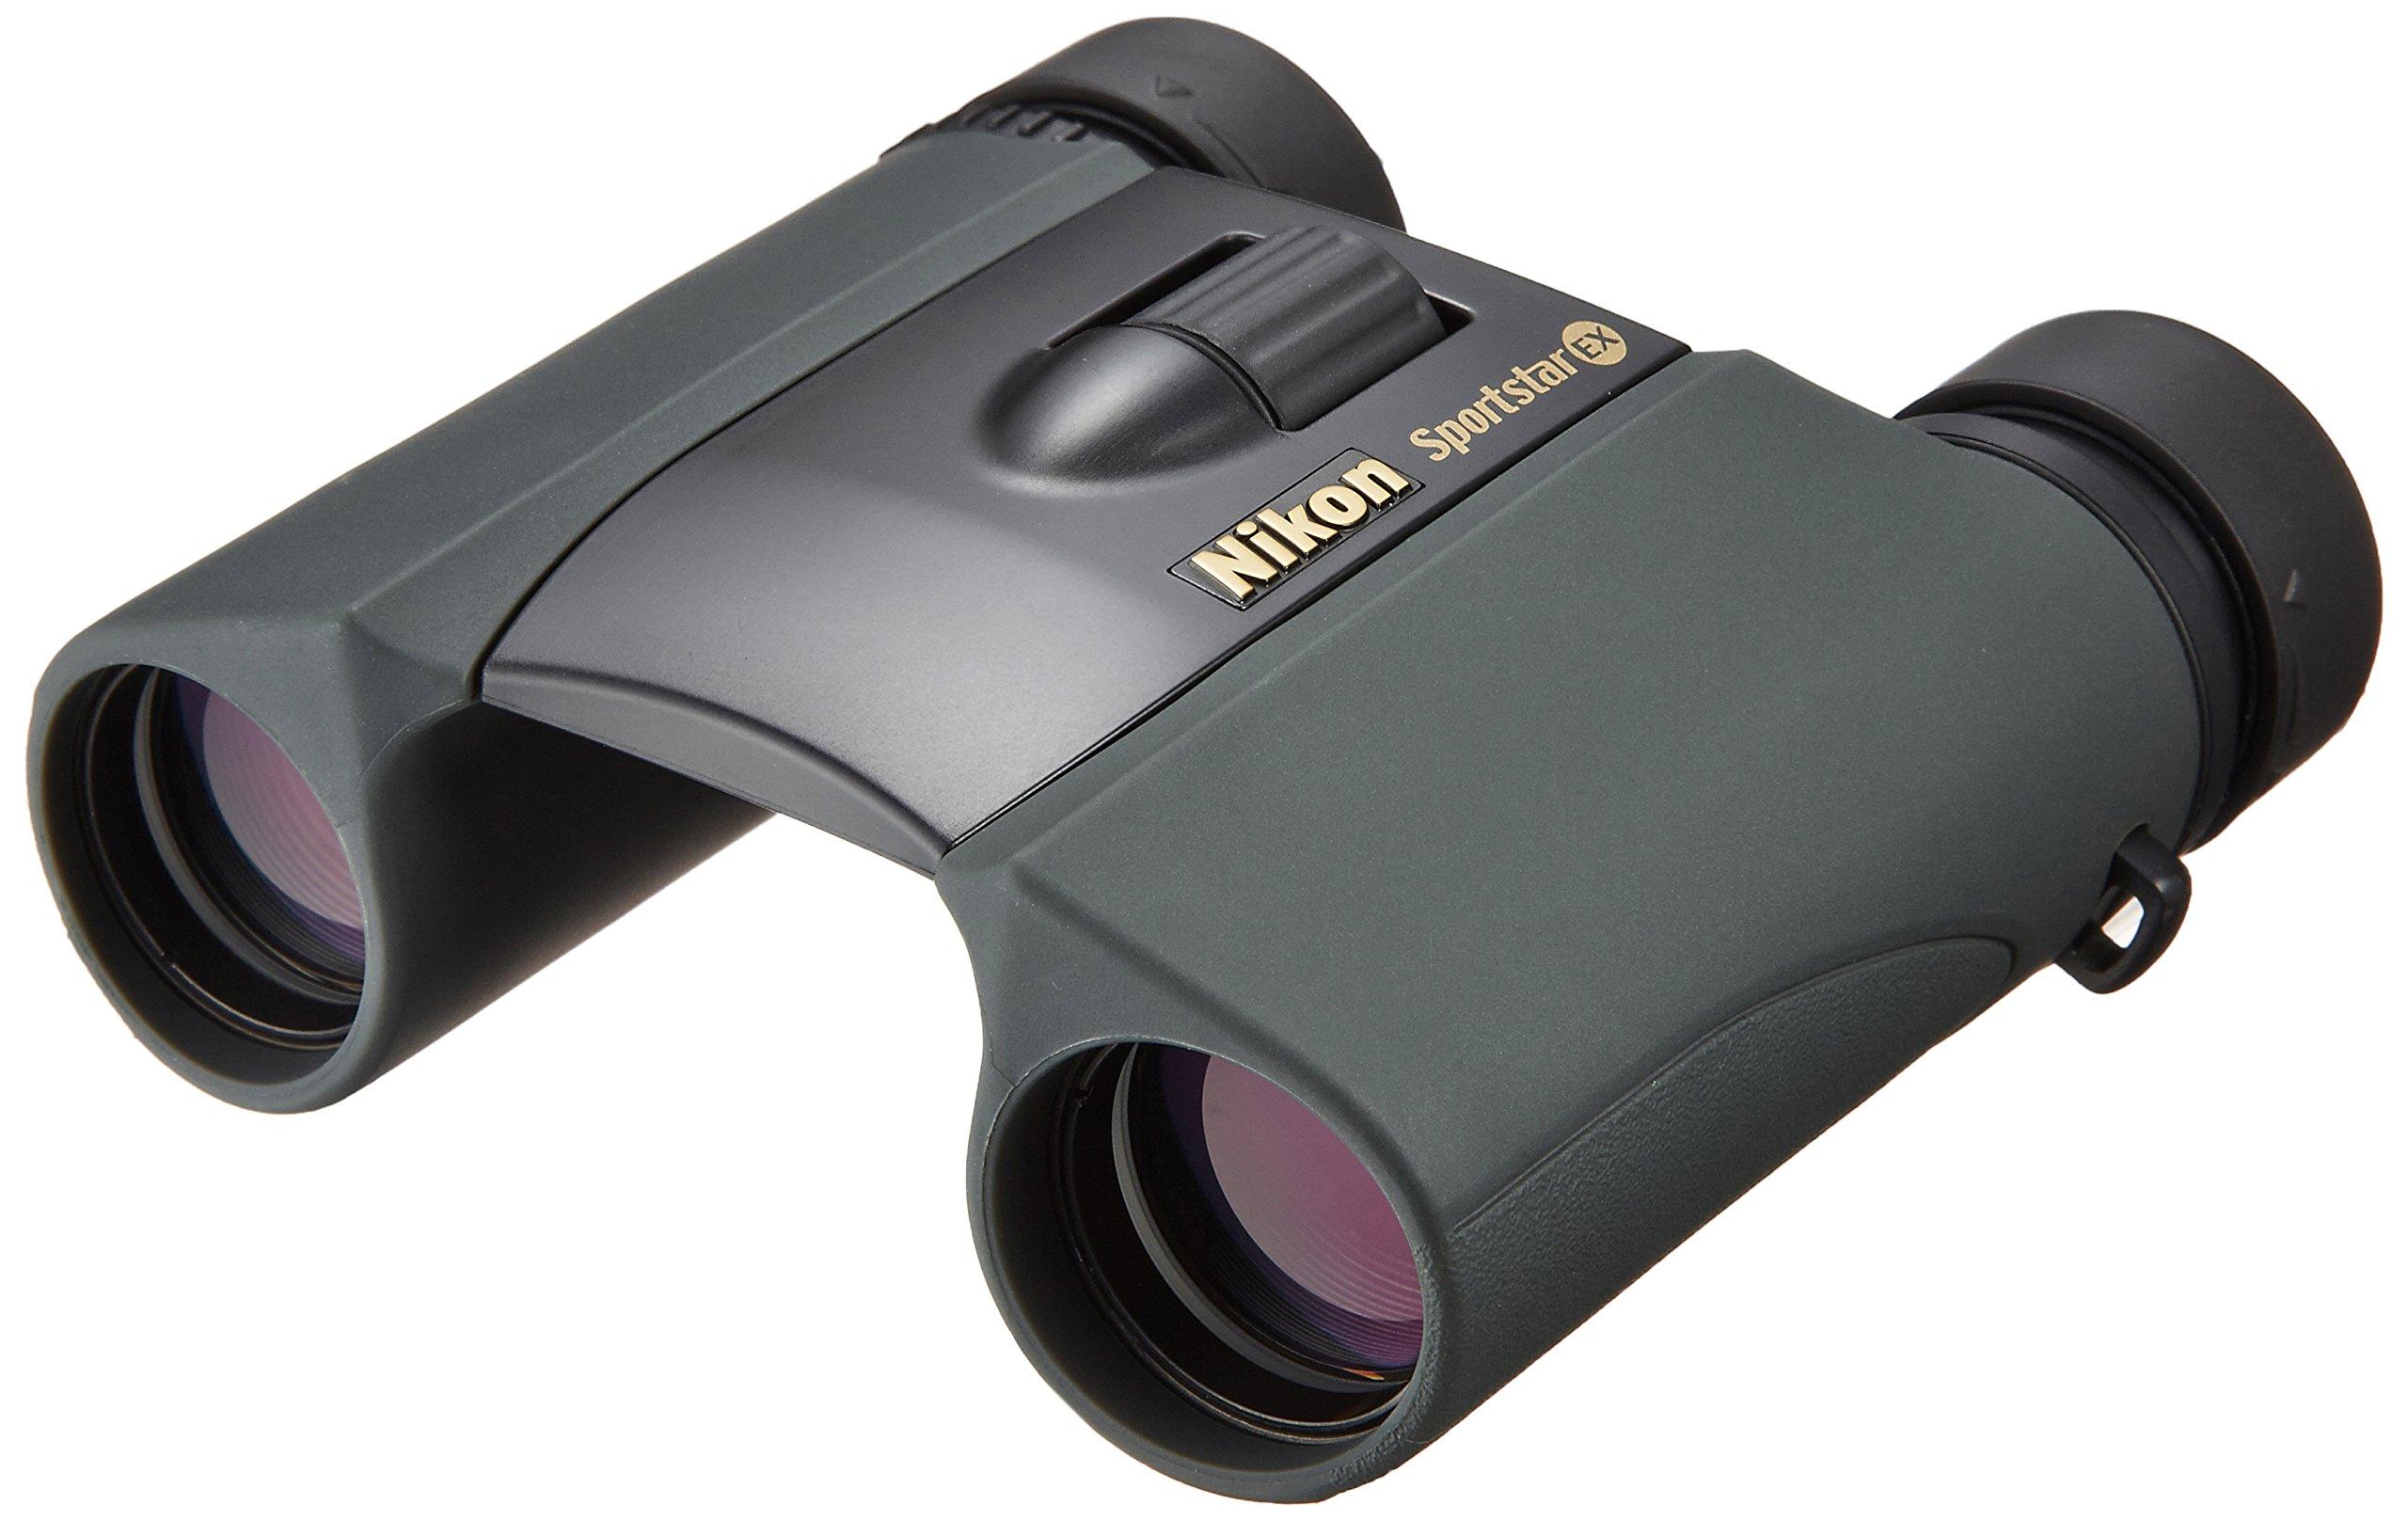 Nikon Jumelles Sportstar EX 10x25 Prismes en toit, étanches, compactes Noir product image